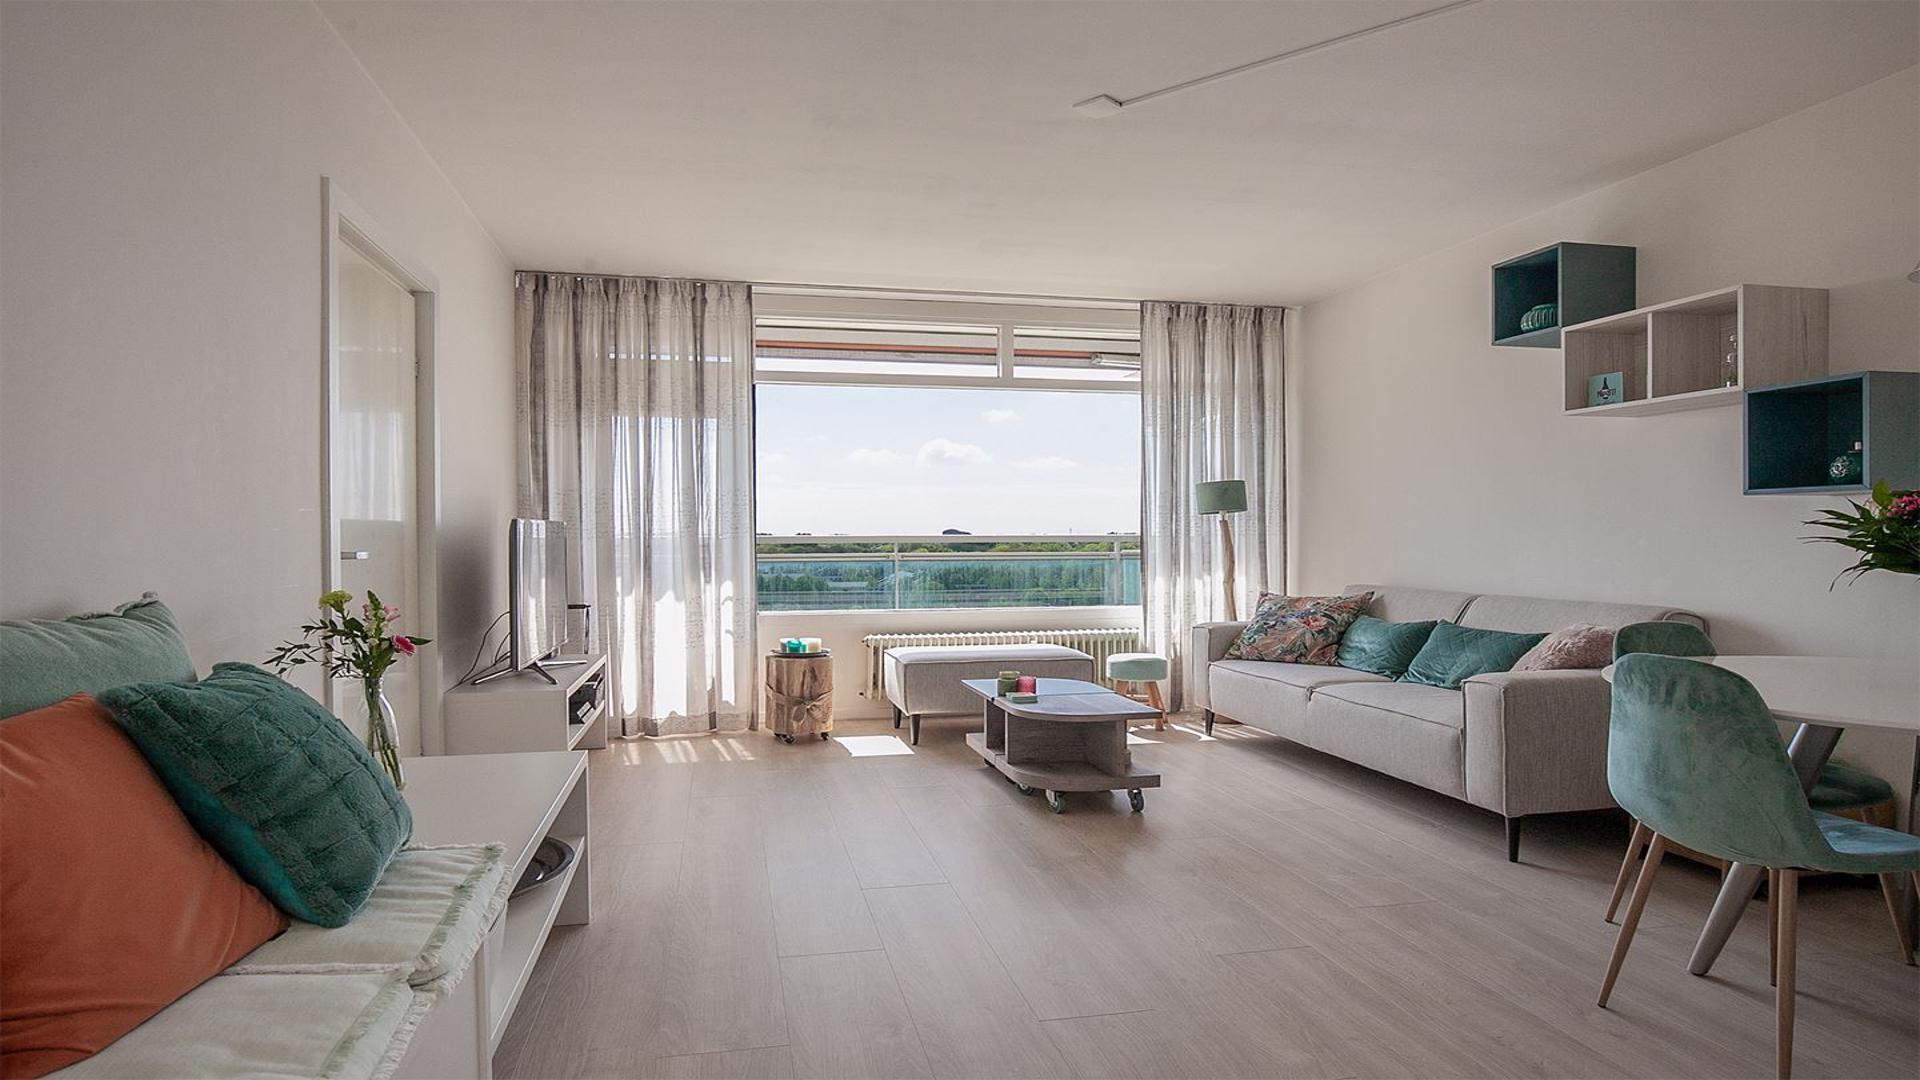 Prachtig gerenoveerd appartement met fraai uitzicht over Den Haag en het Westland, gelegen in Kraayenstein